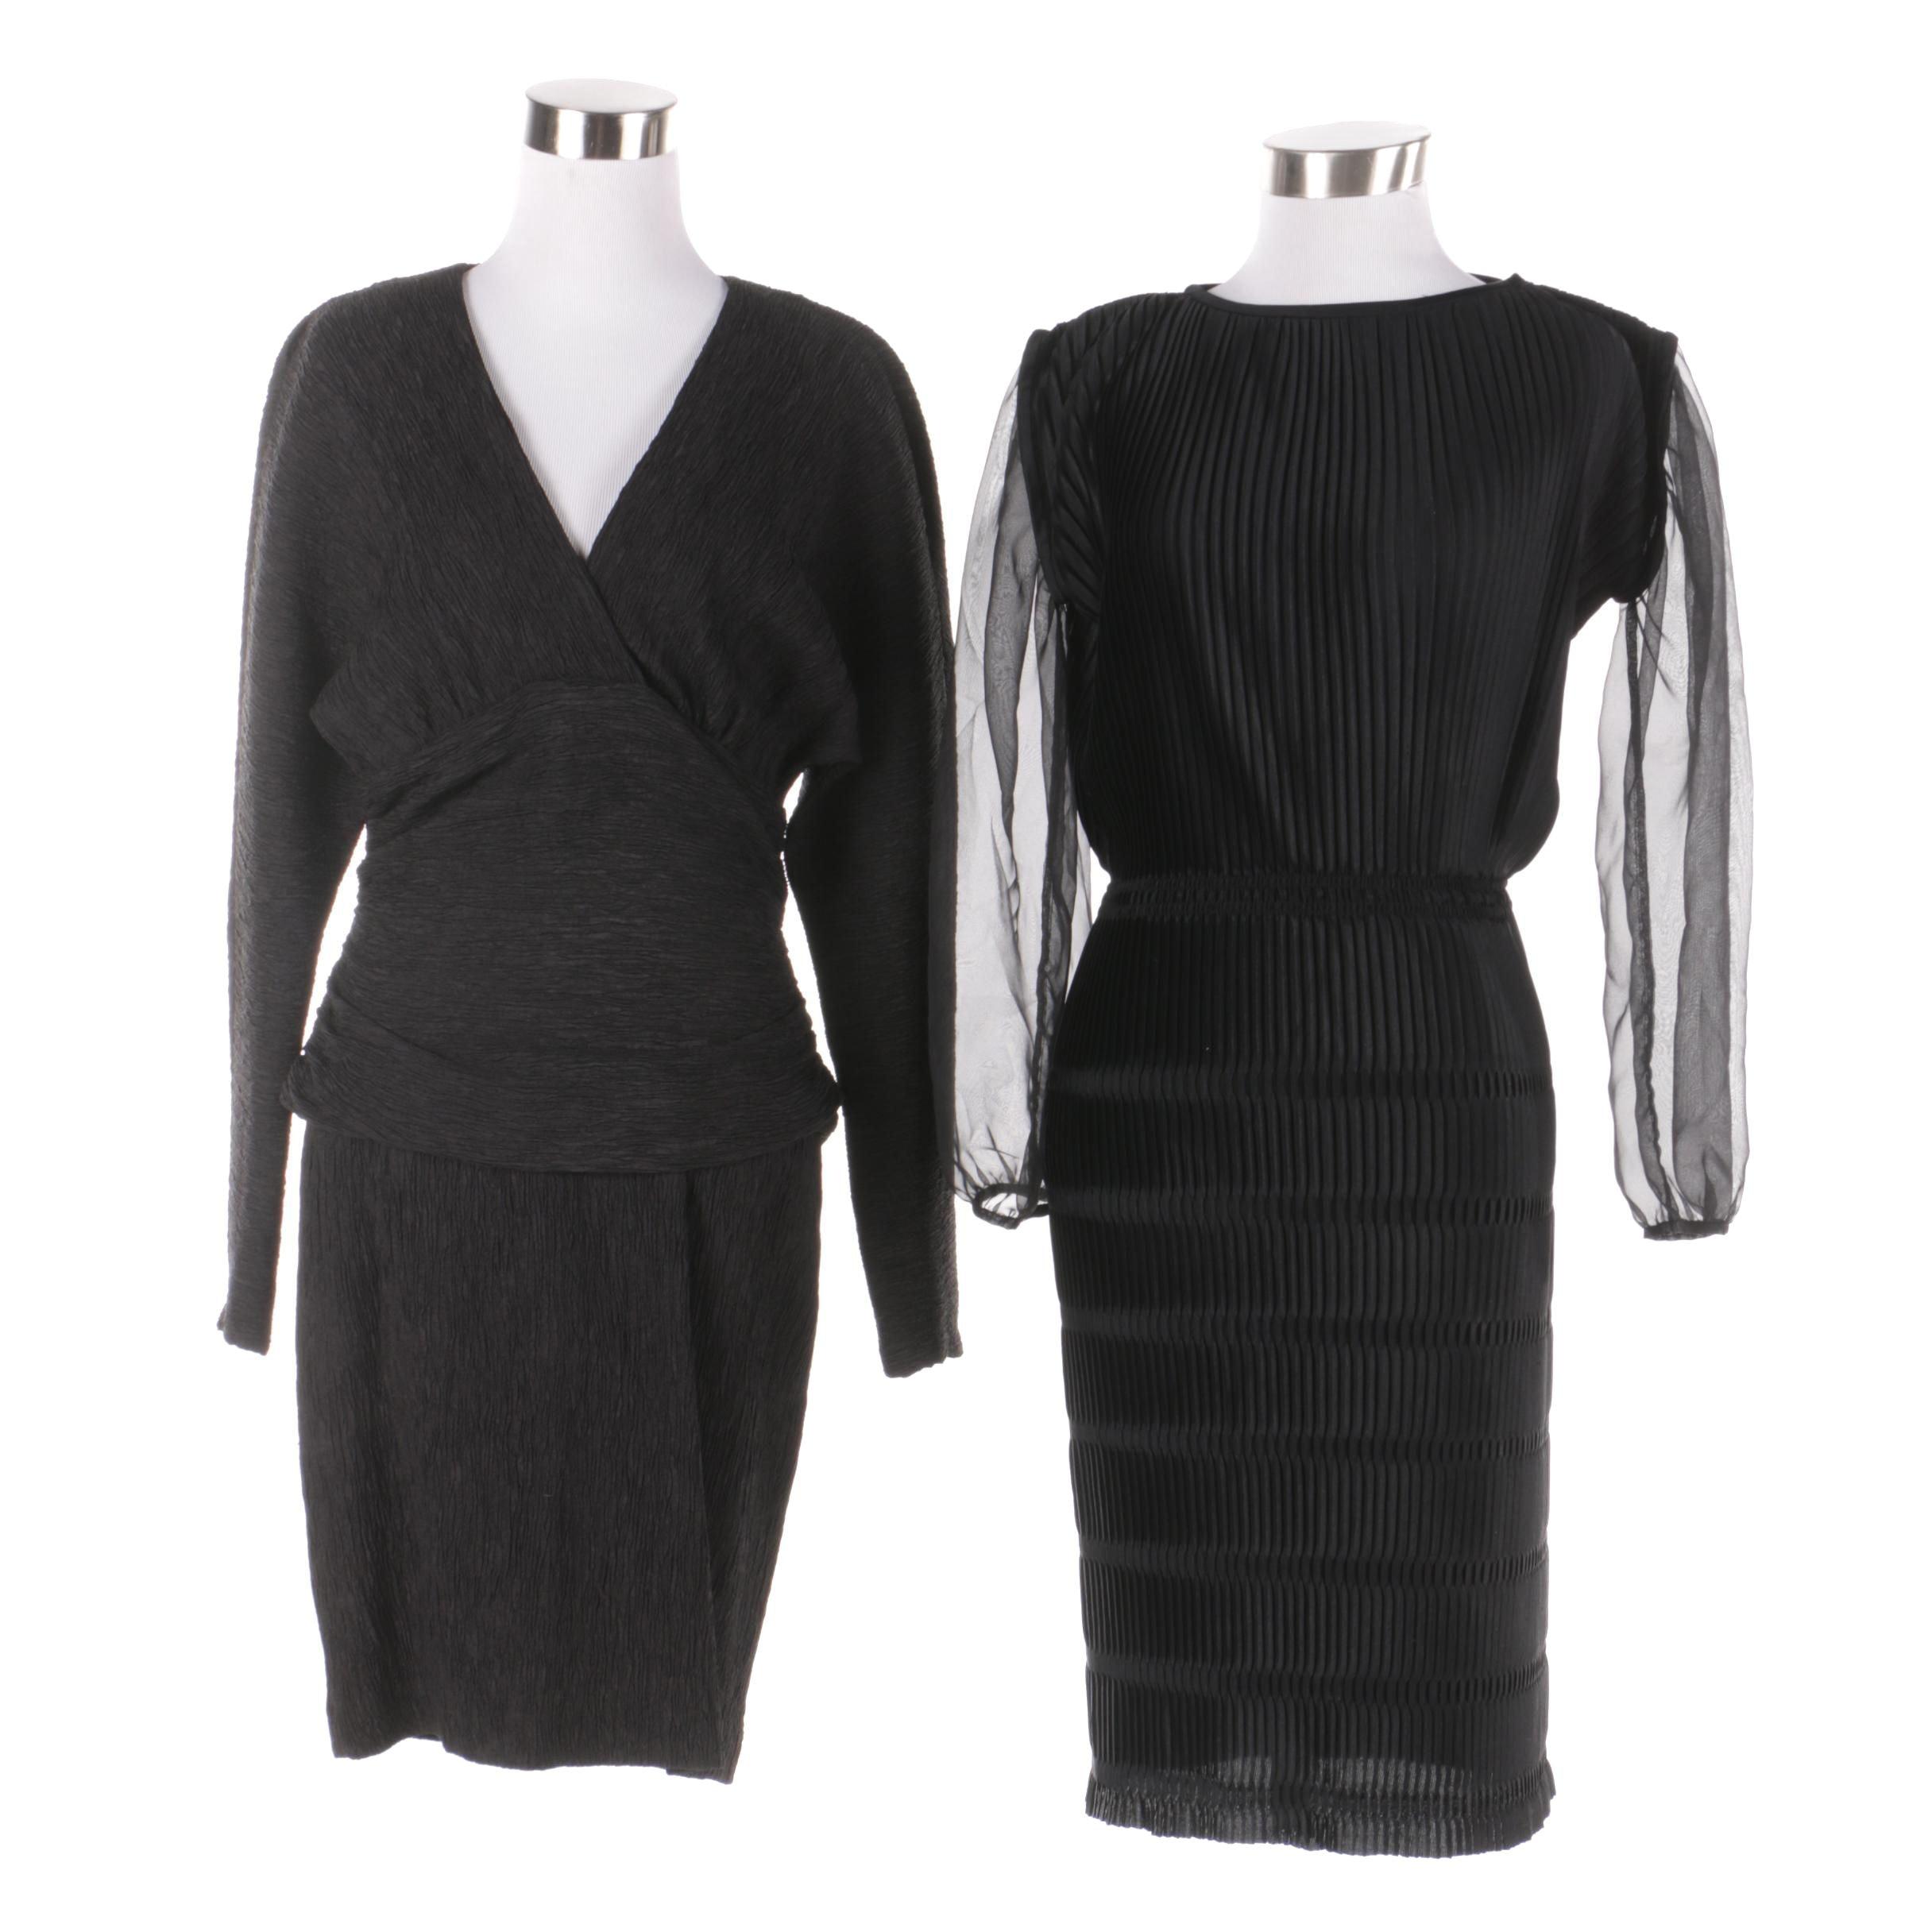 1980s Vintage Emanuel Ungaro and Sara Lyn Black Pleat Dresses